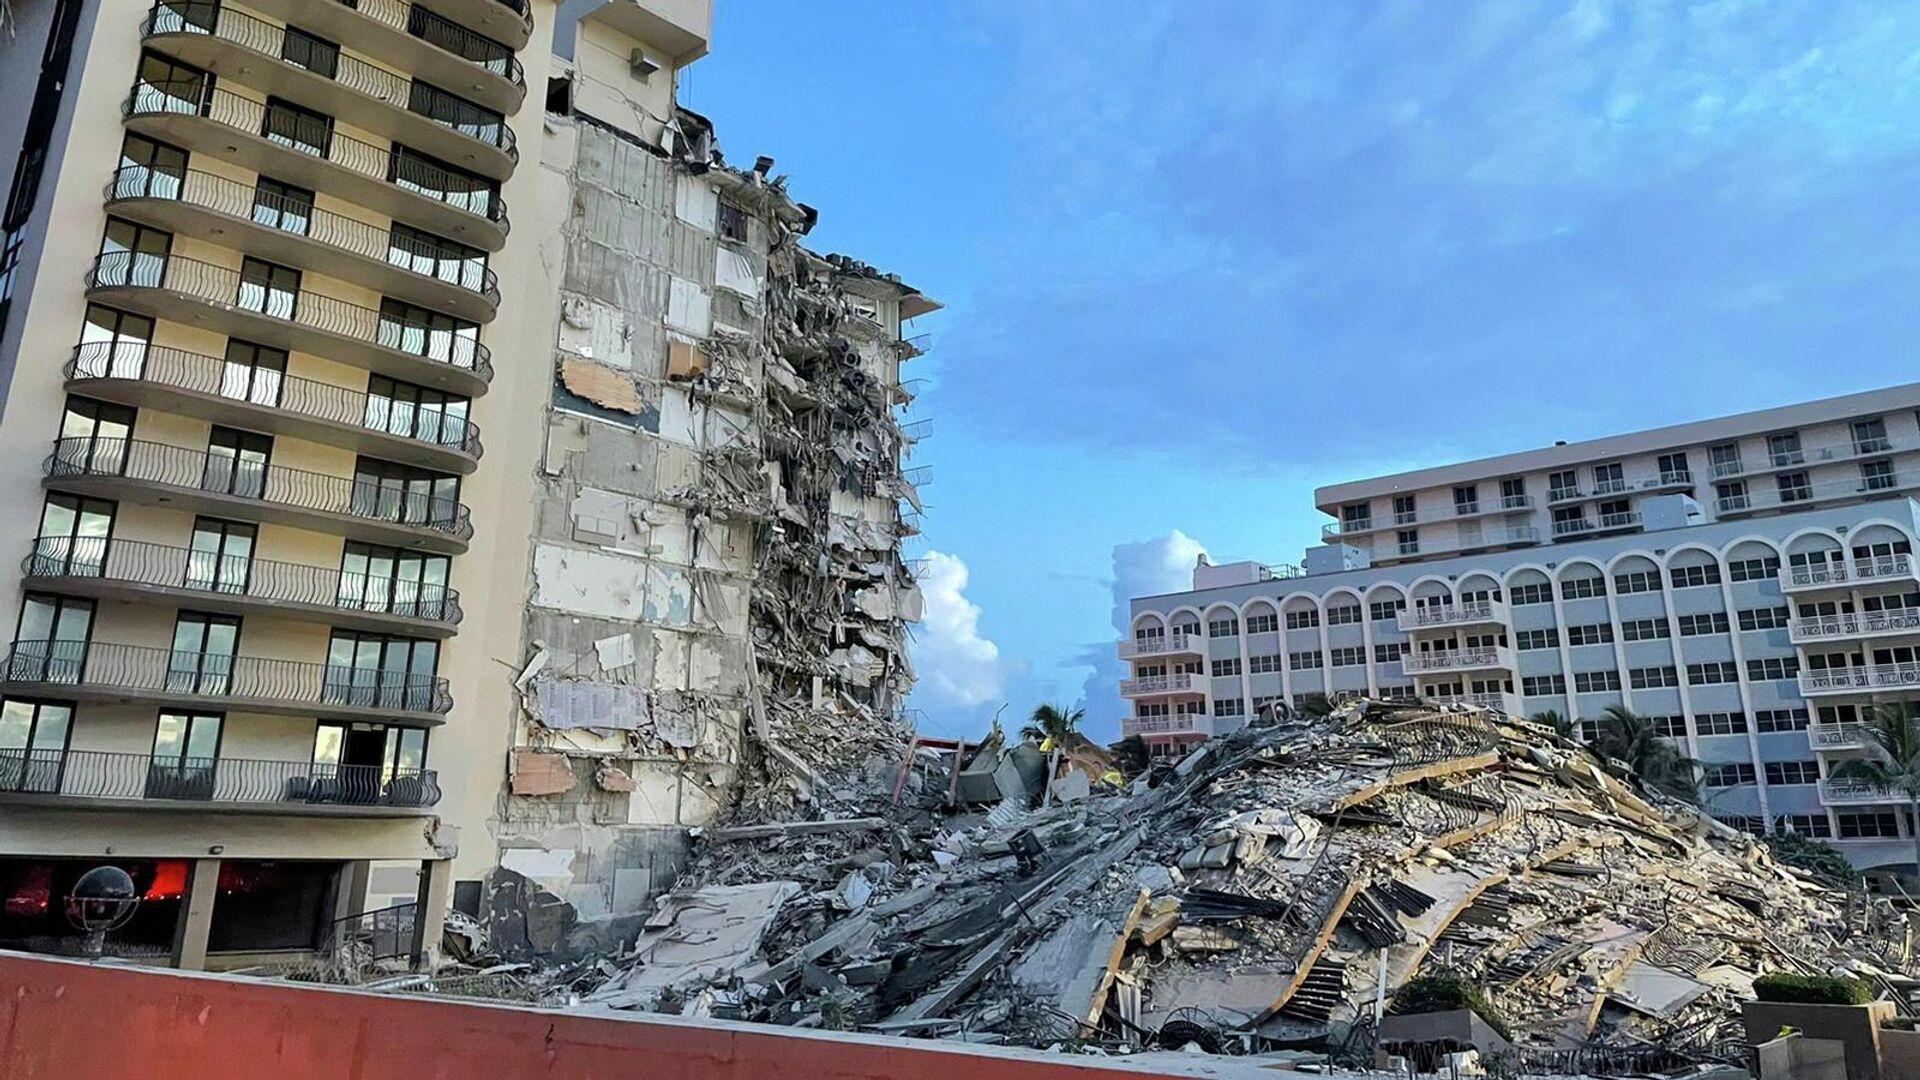 El lugar del derrumbe de un edificio residencial en Miami, Florida (EEUU) - Sputnik Mundo, 1920, 07.07.2021